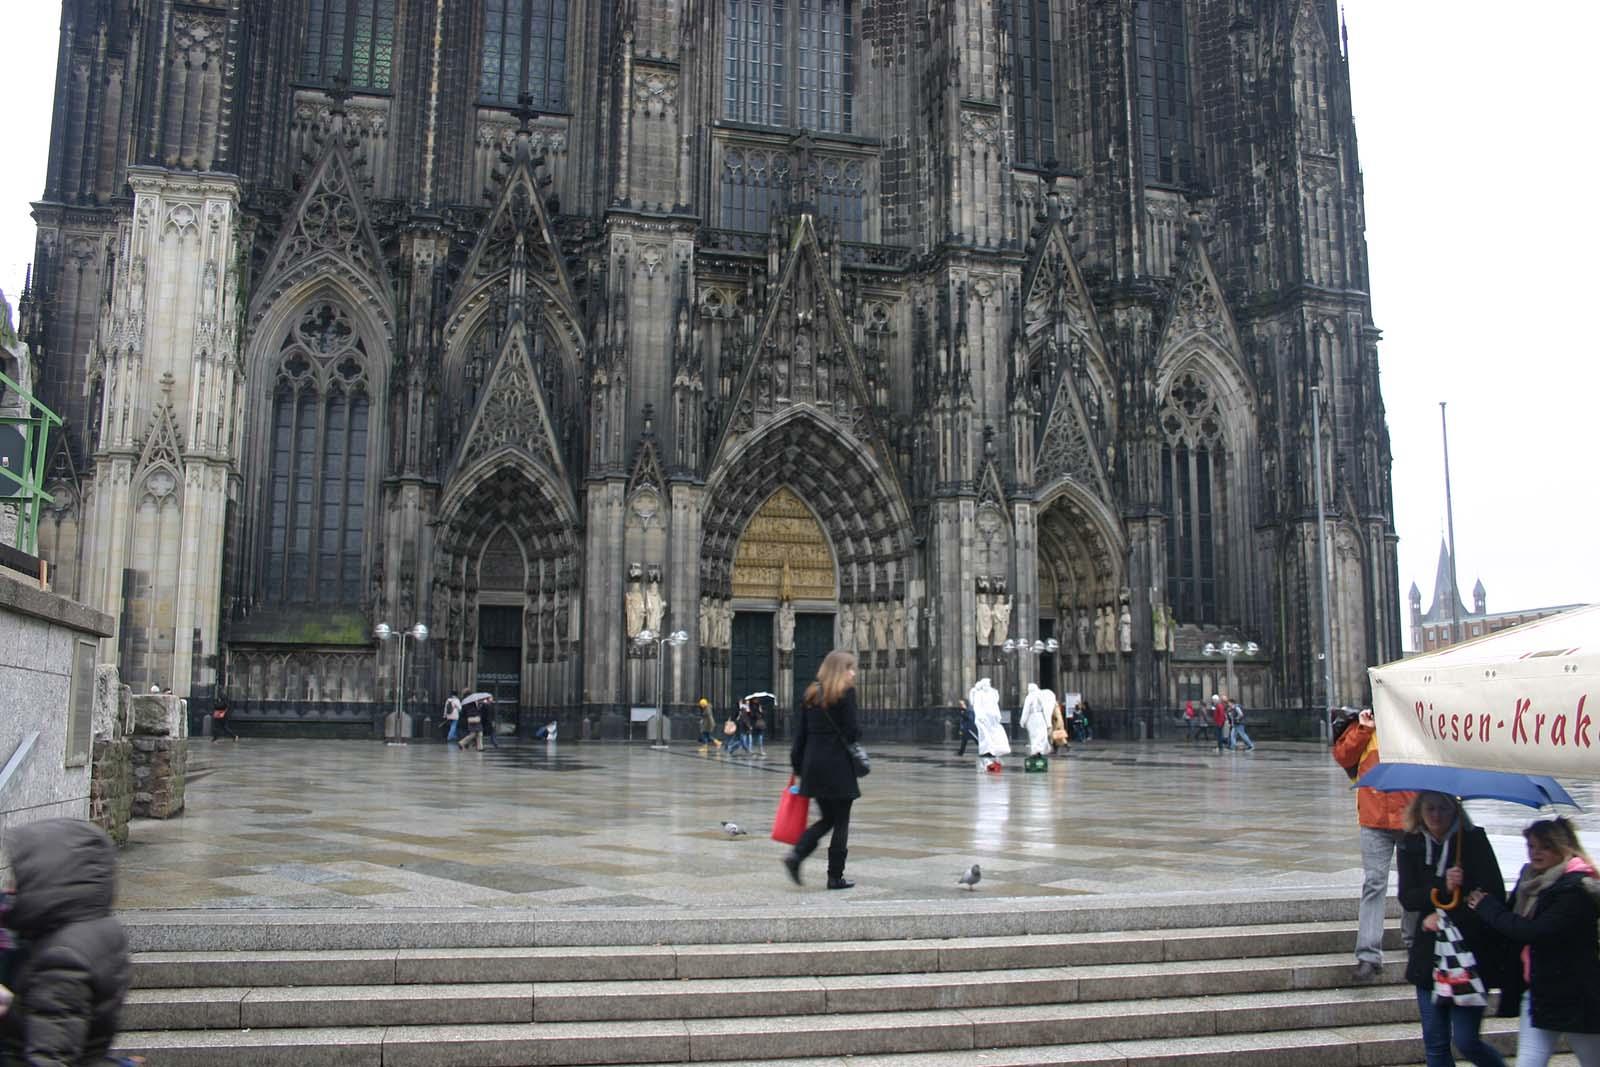 Köln glockengasse 68 11 Ausstellungen,